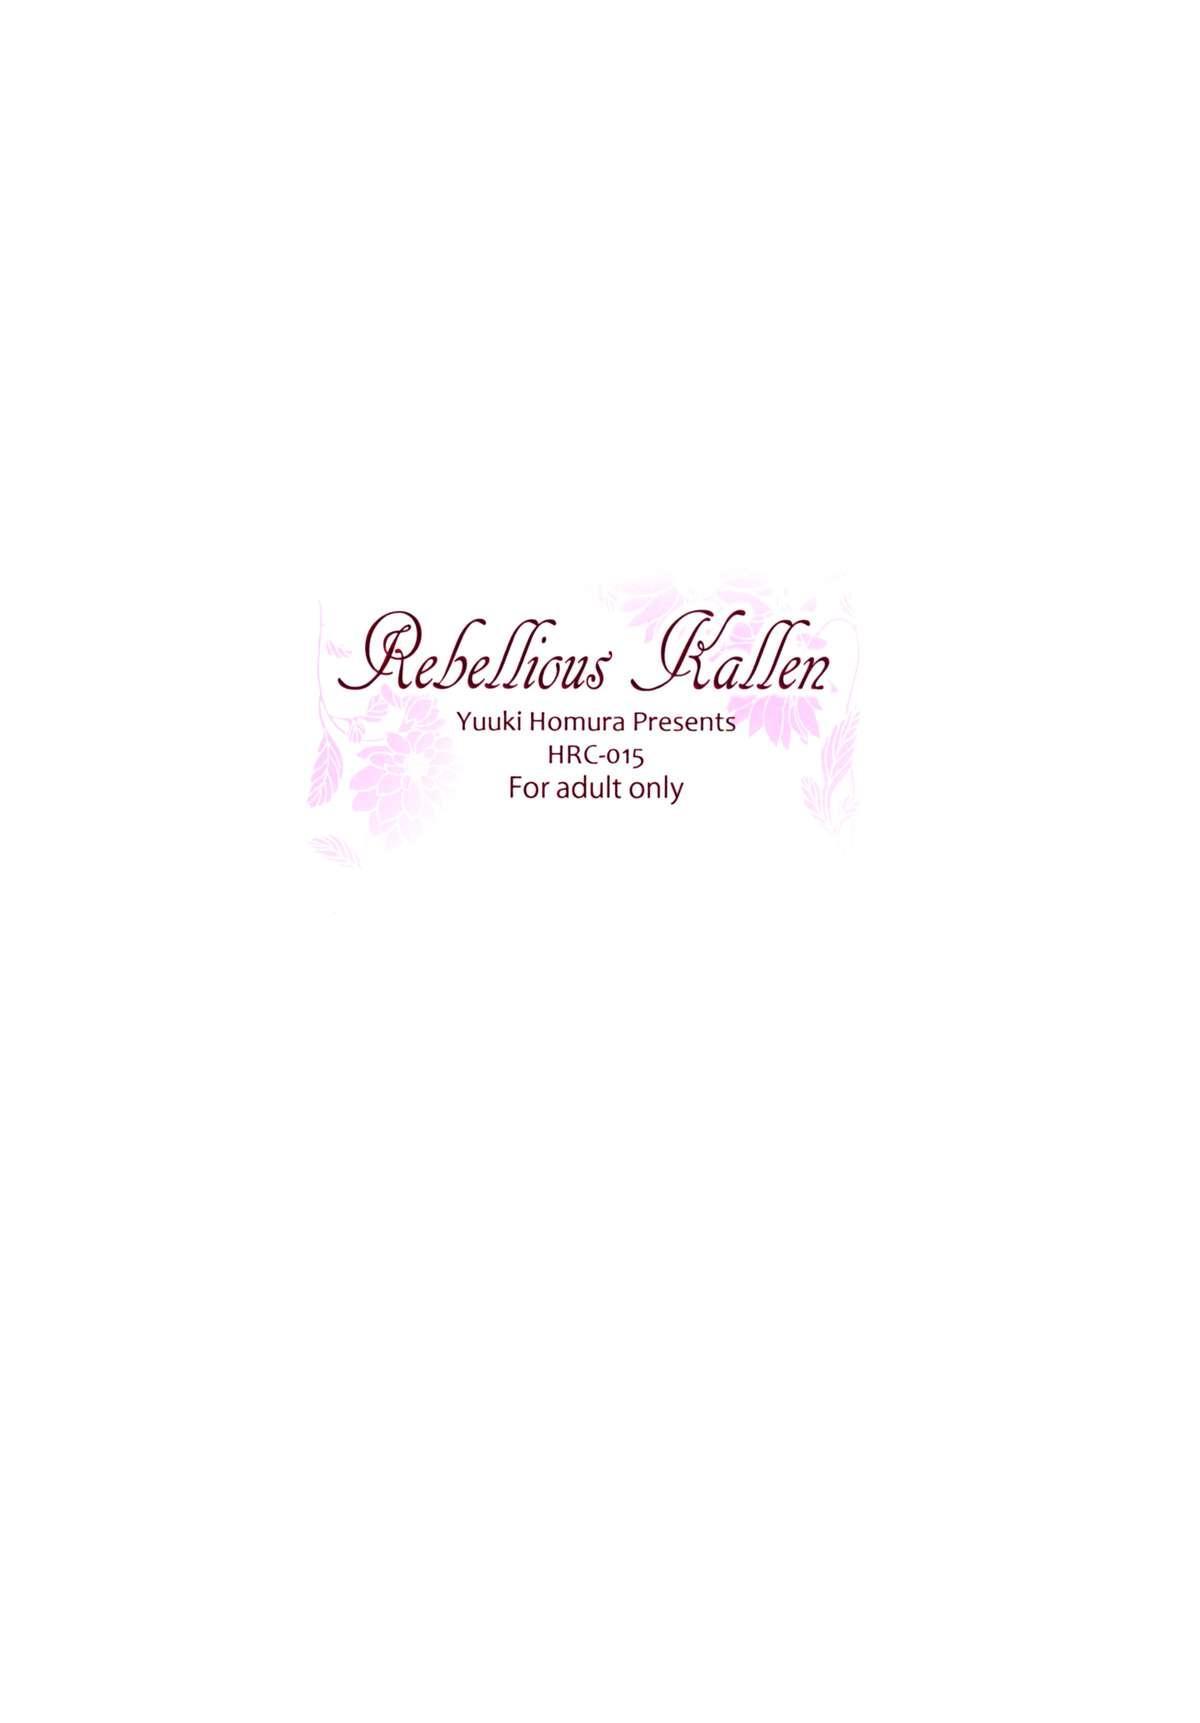 Rebellious Kallen 24